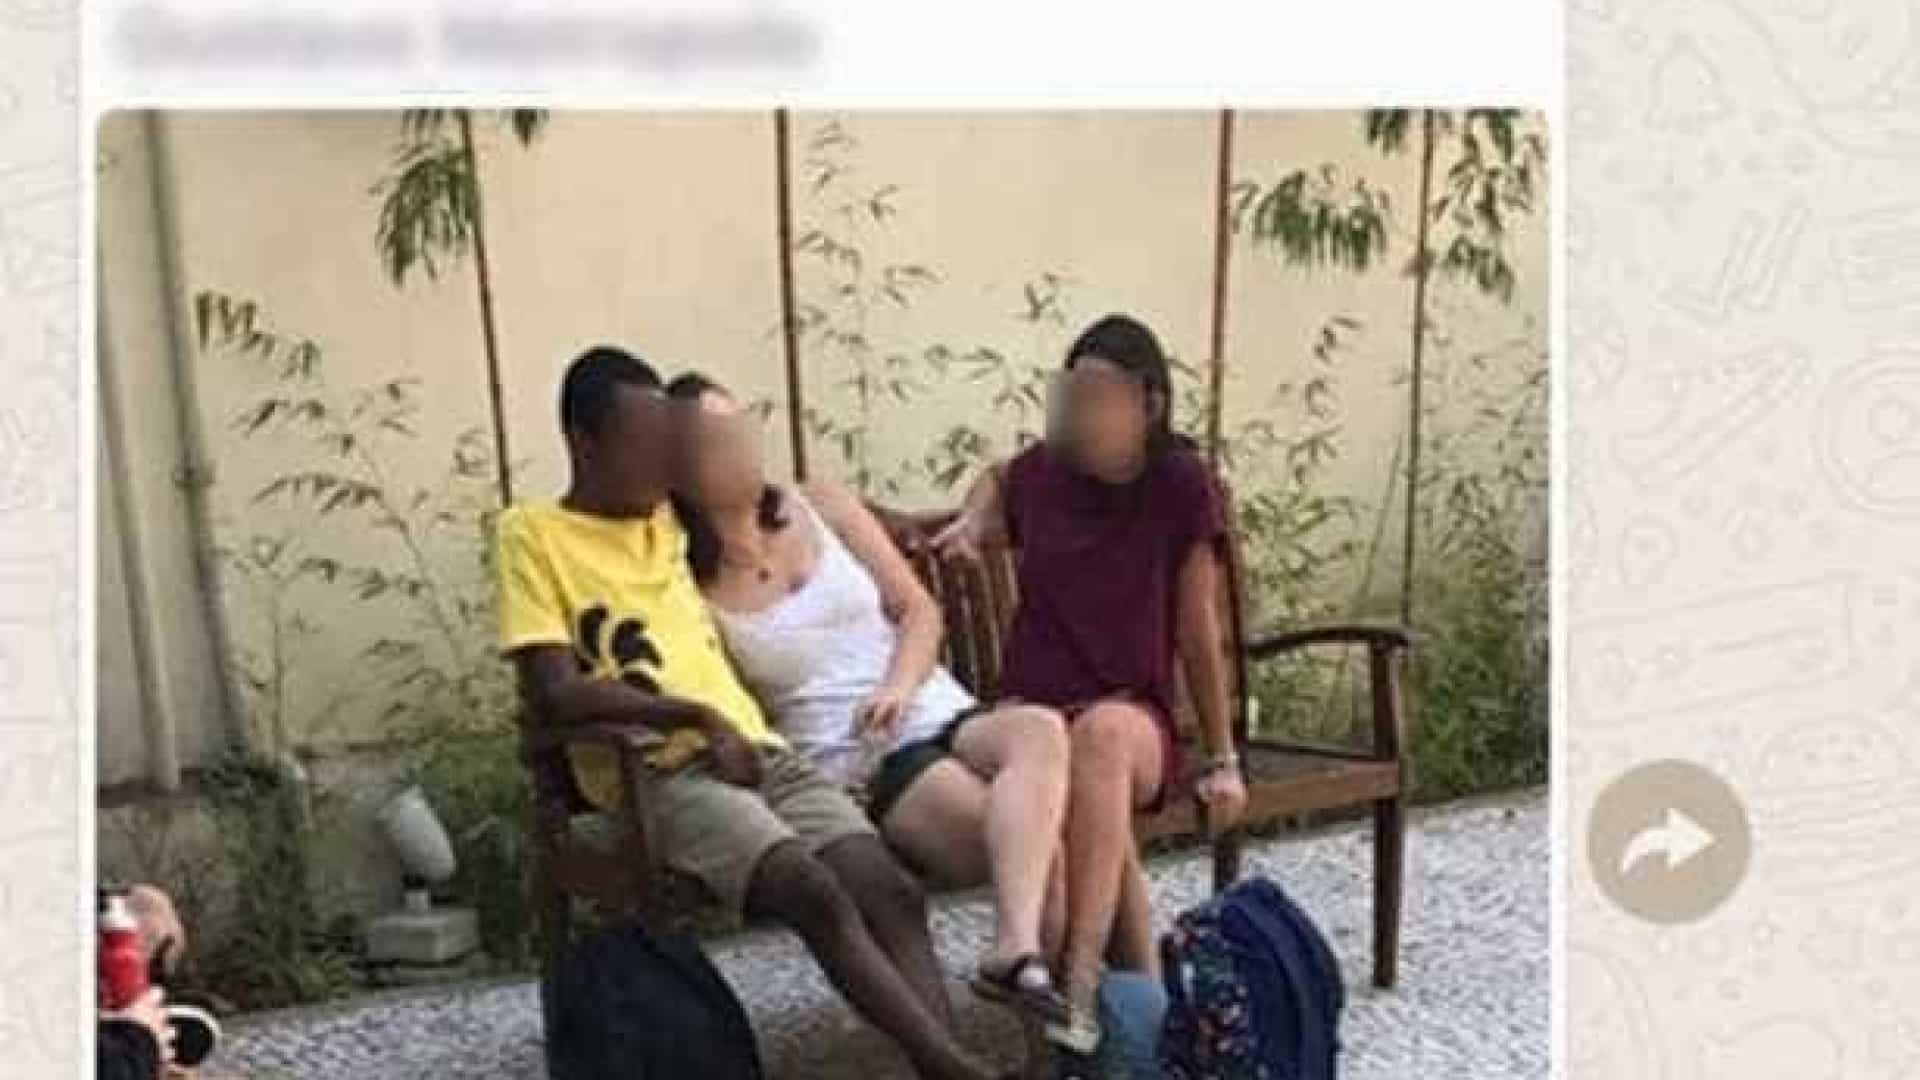 Aluno da FGV é suspenso após post racista: 'Achei esse escravo'